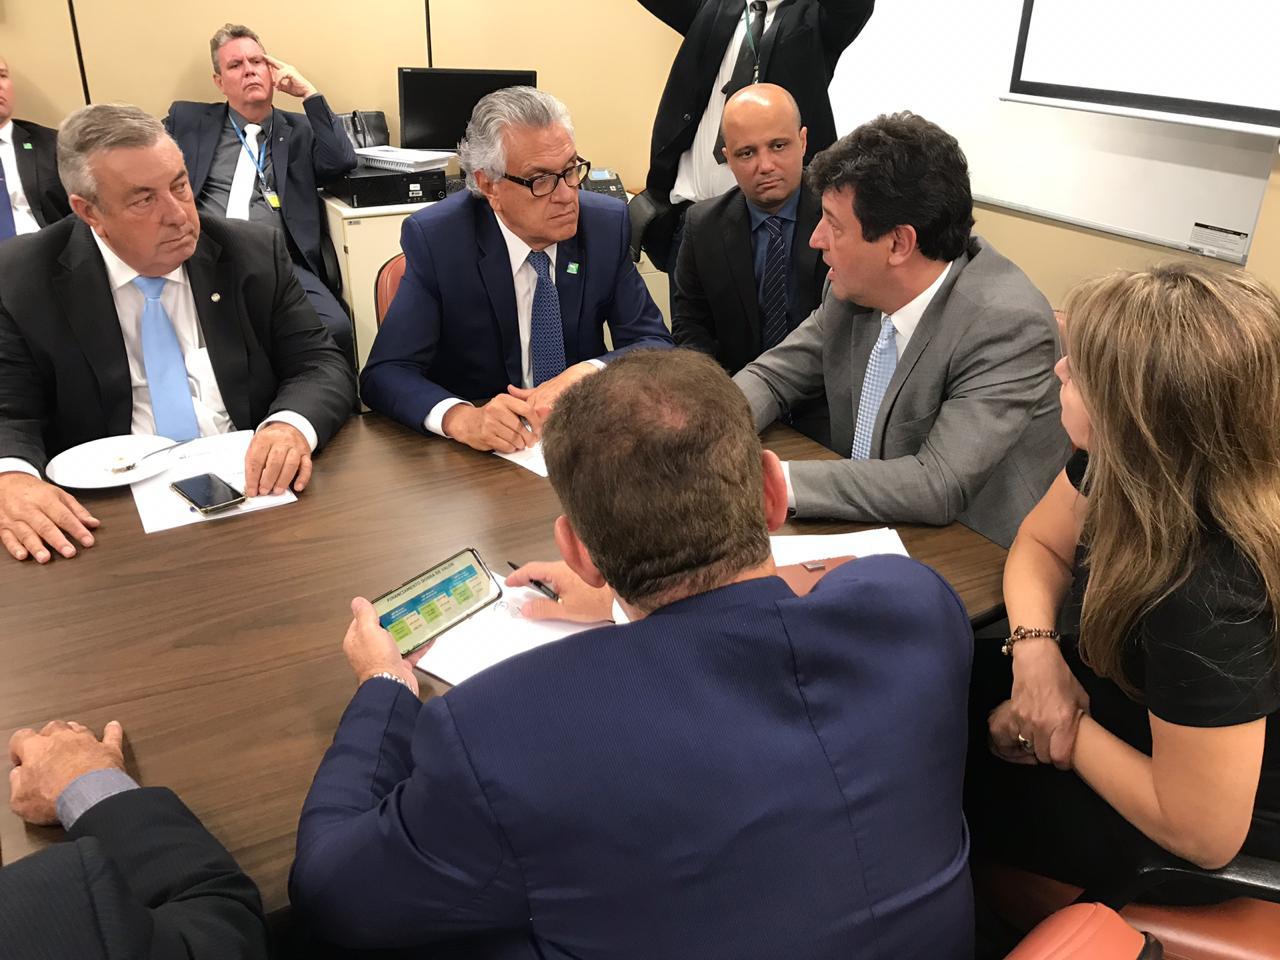 Minist�rio da Sa�de e governo de Goi�s unem esfor�os para   garantir a conclus�o das obras do Hospital de �guas Lindas